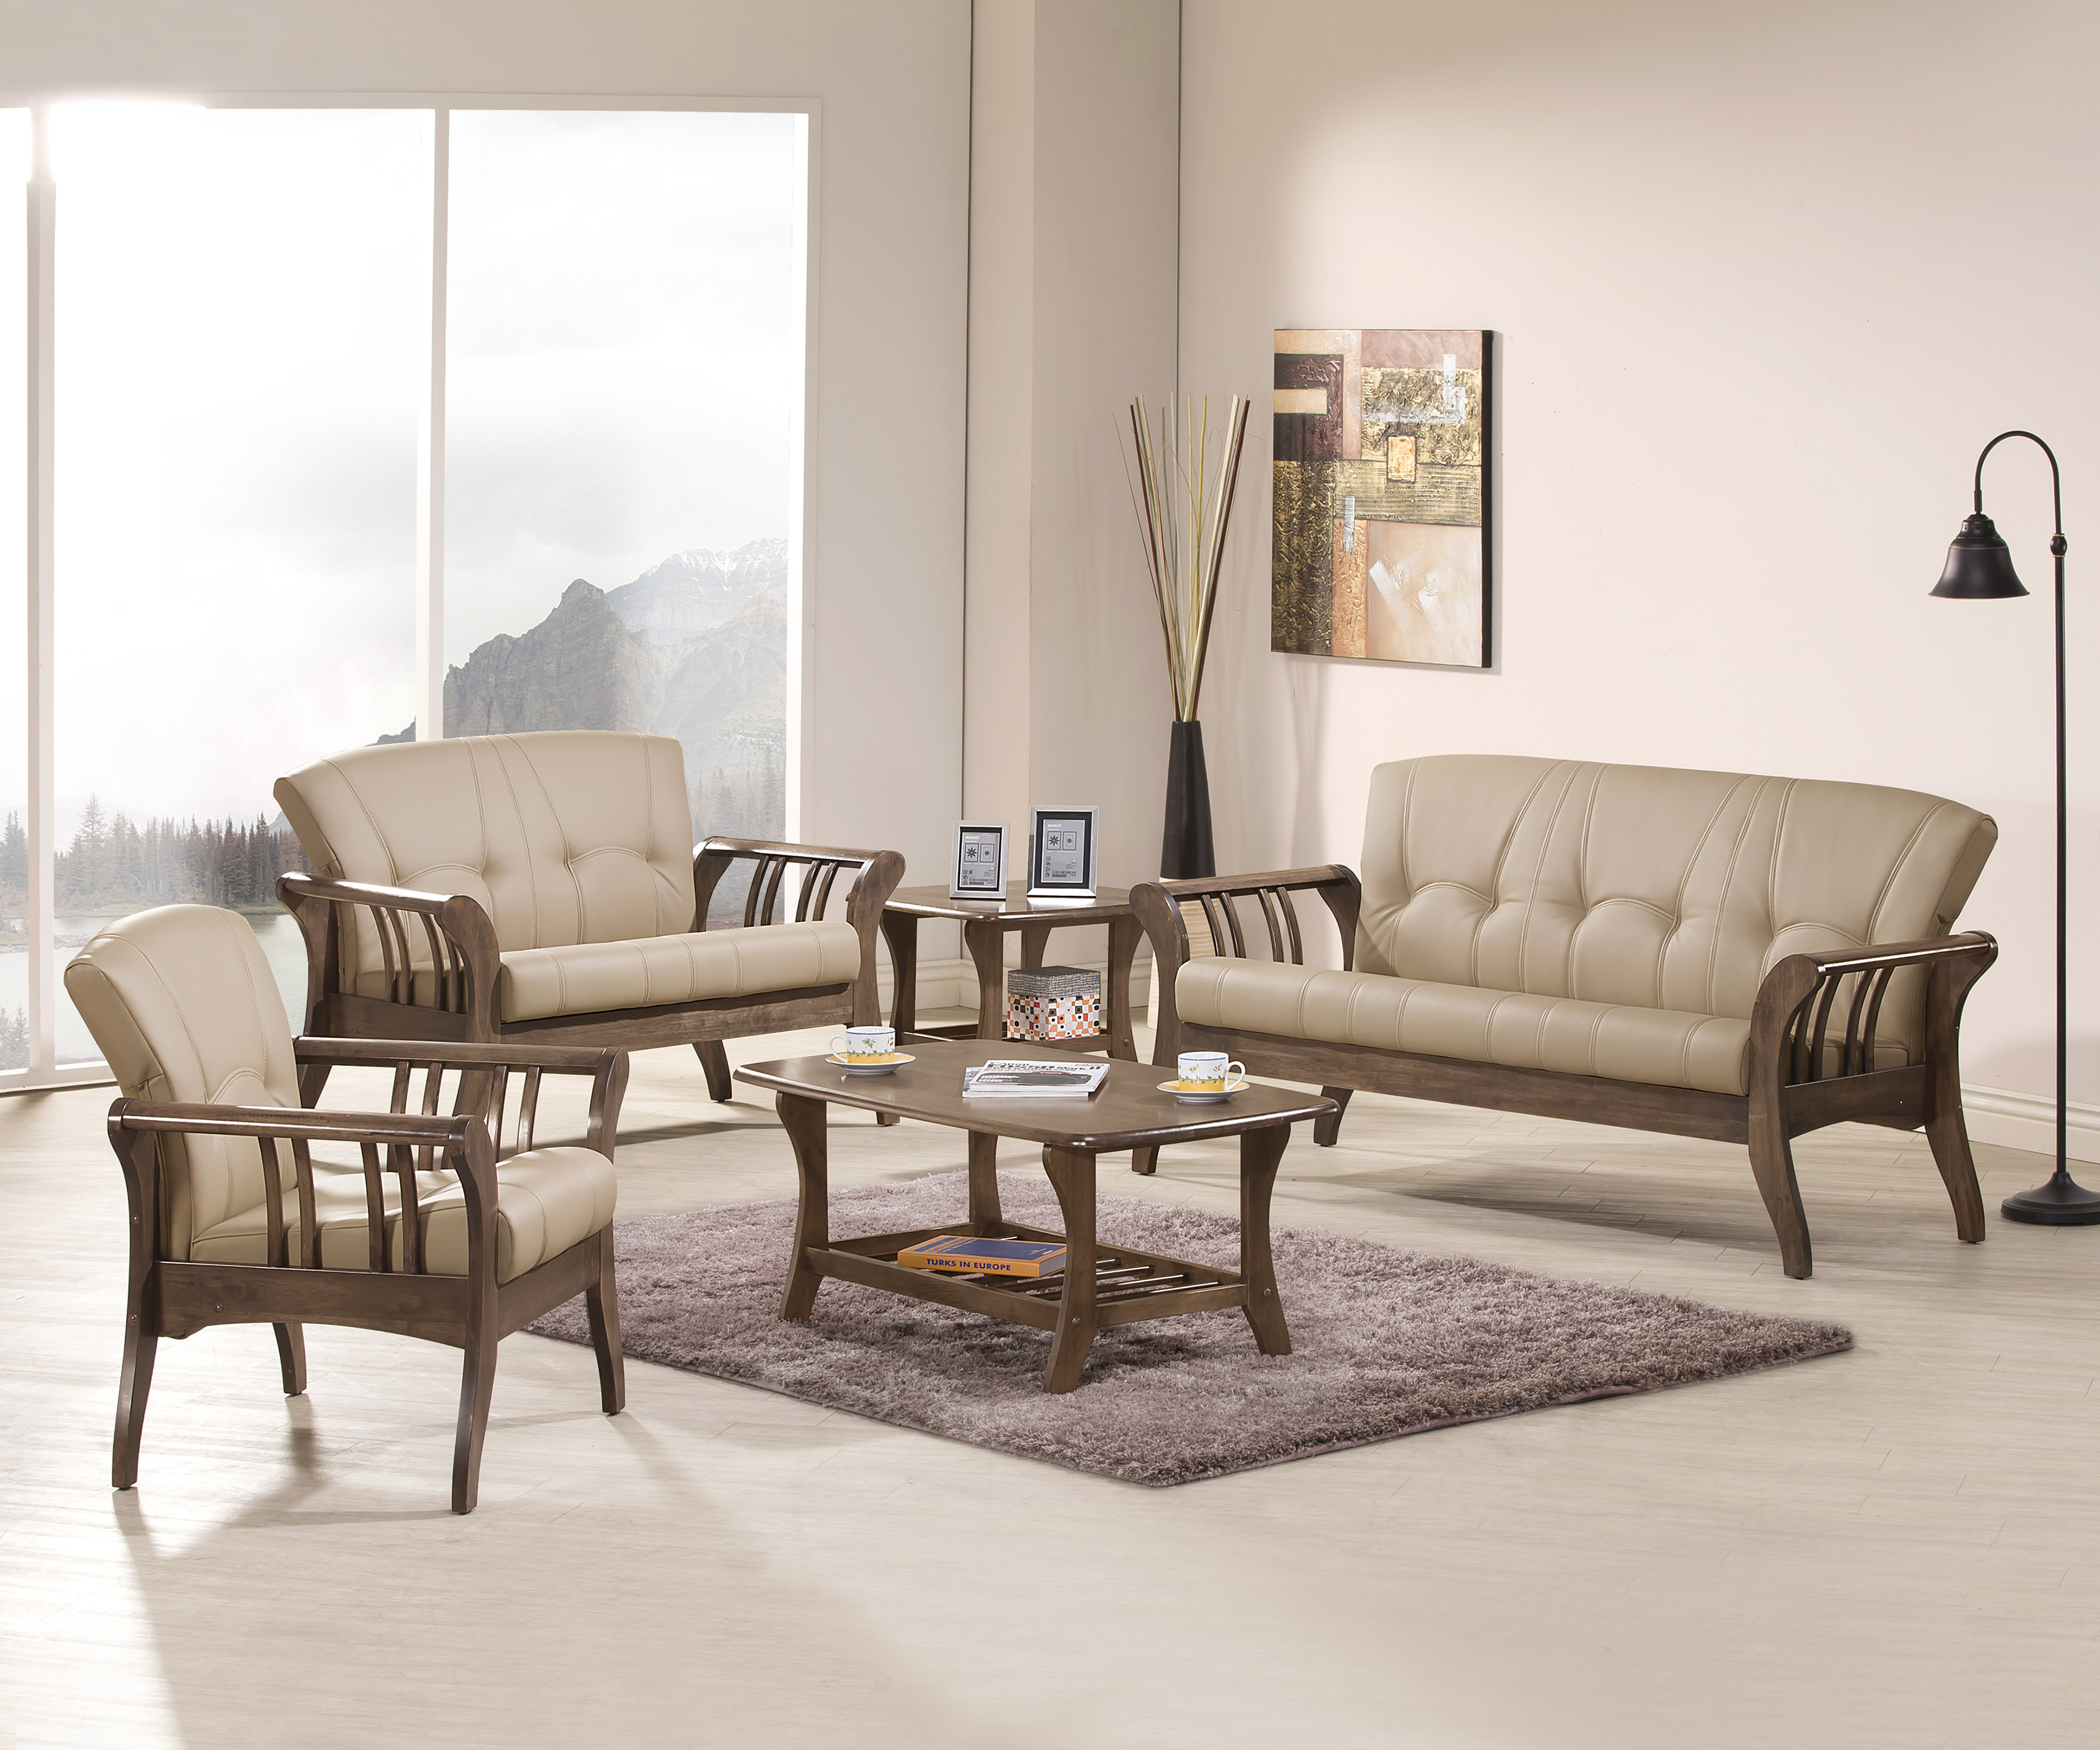 《伊豆》618購物節 618年中慶 (促銷免運)卡其 三人沙發 全實木 三人位沙發 三人座 皮沙發 木製沙發 工廠直營 辦公沙發 組椅 【新生活家具】